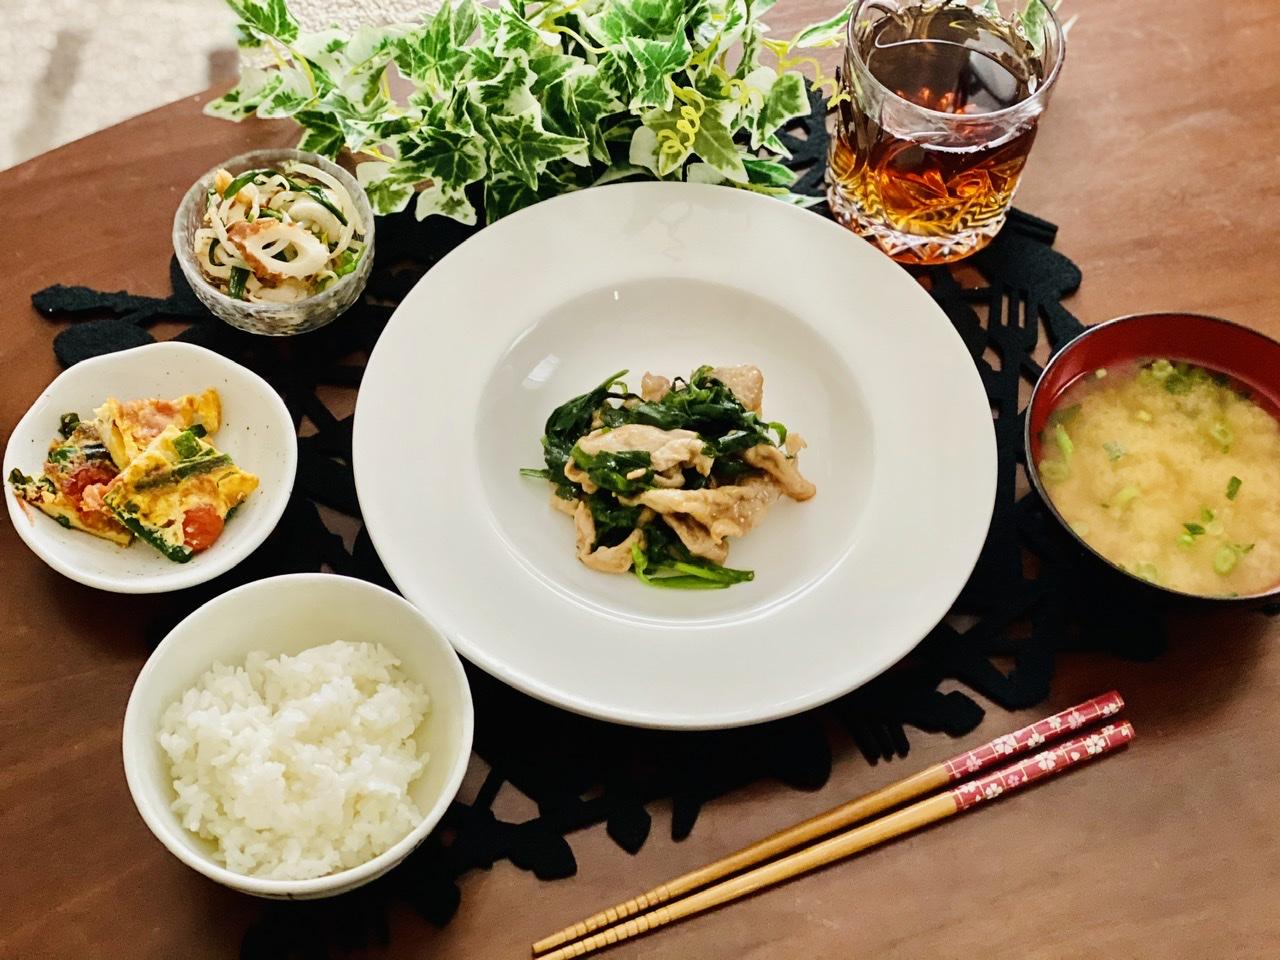 【今月のお家ごはん】アラサー女子の食卓!作り置きおかずでラク晩ご飯♡-Vol.15-_2